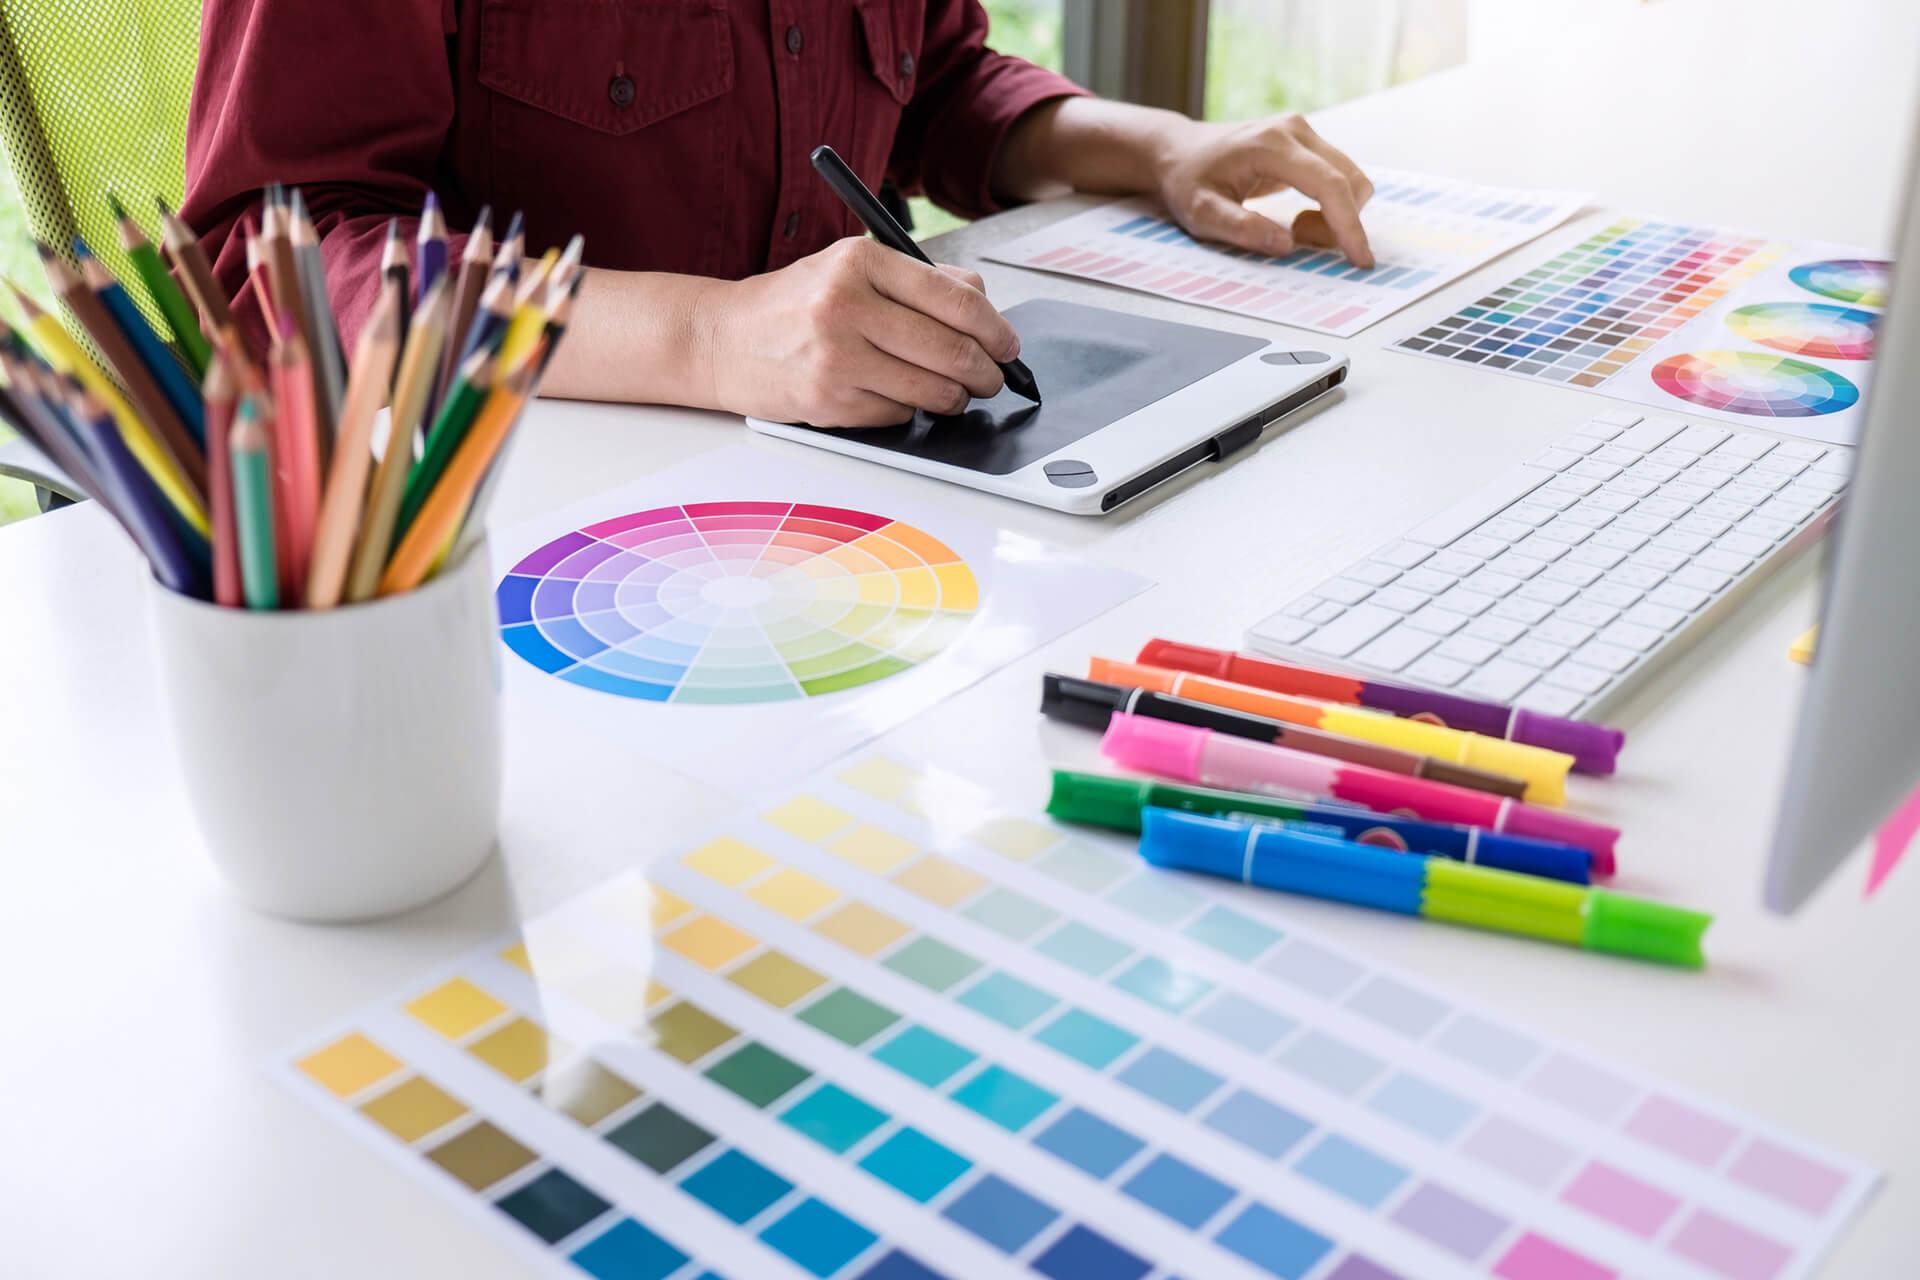 Como criar uma identidade visual para o seu negócio?